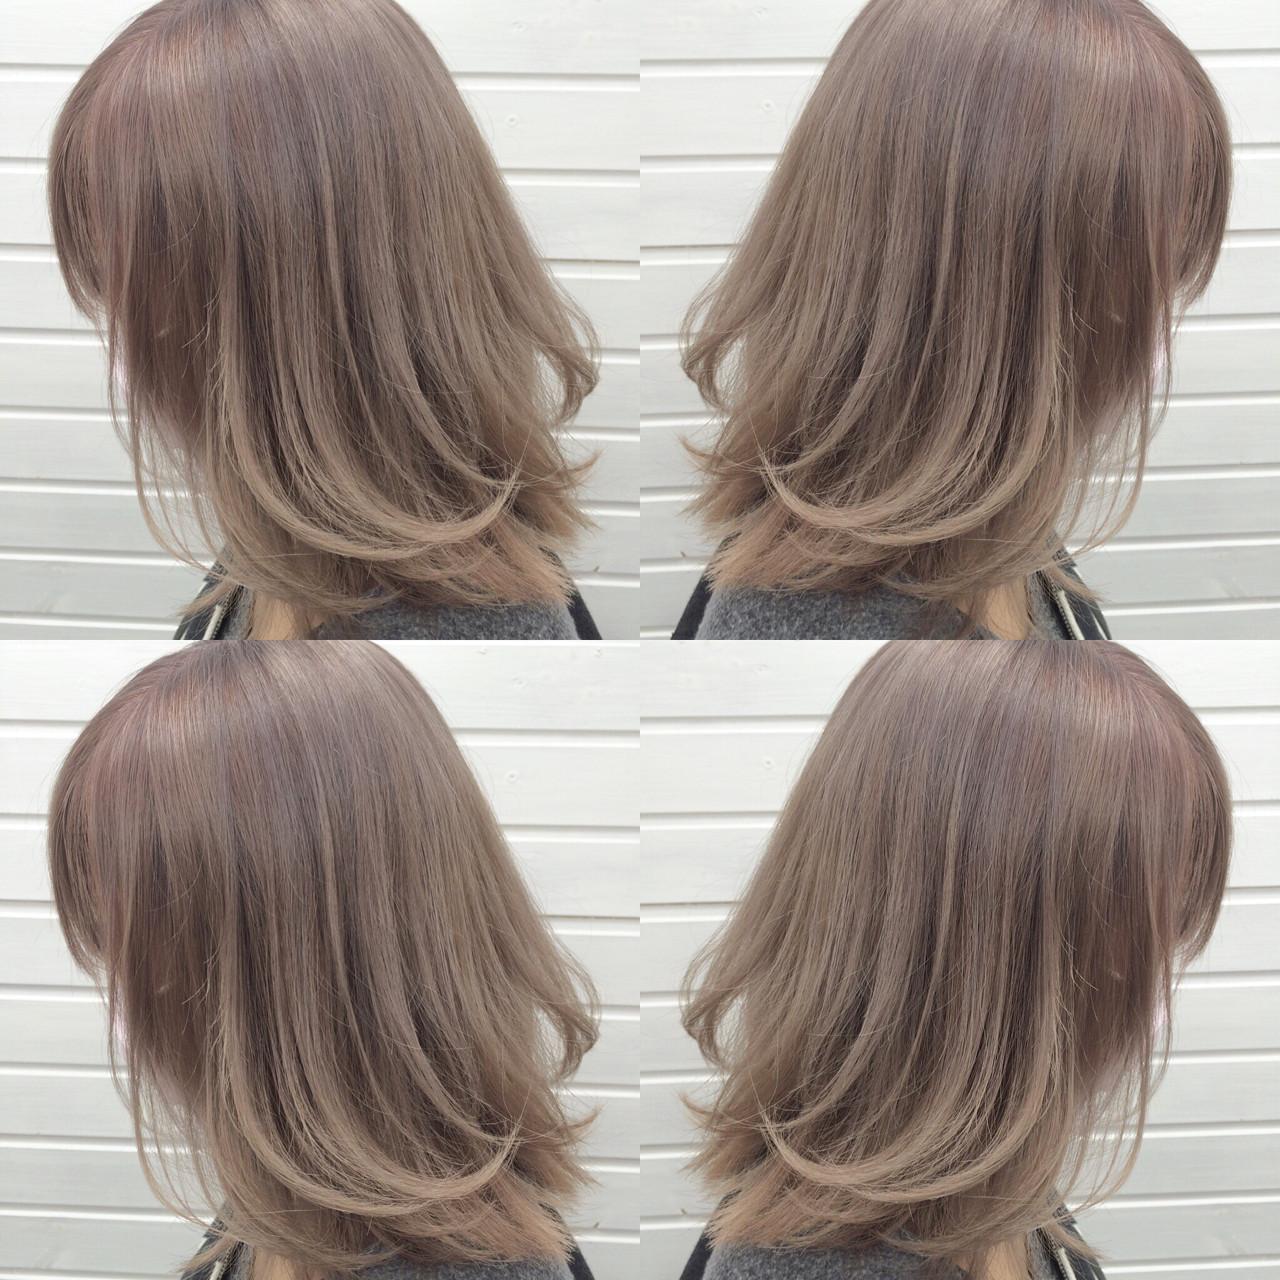 【外国人風ヘアカラー】なりたい髪色でカラーリングを変えるのが上級者♡ universe